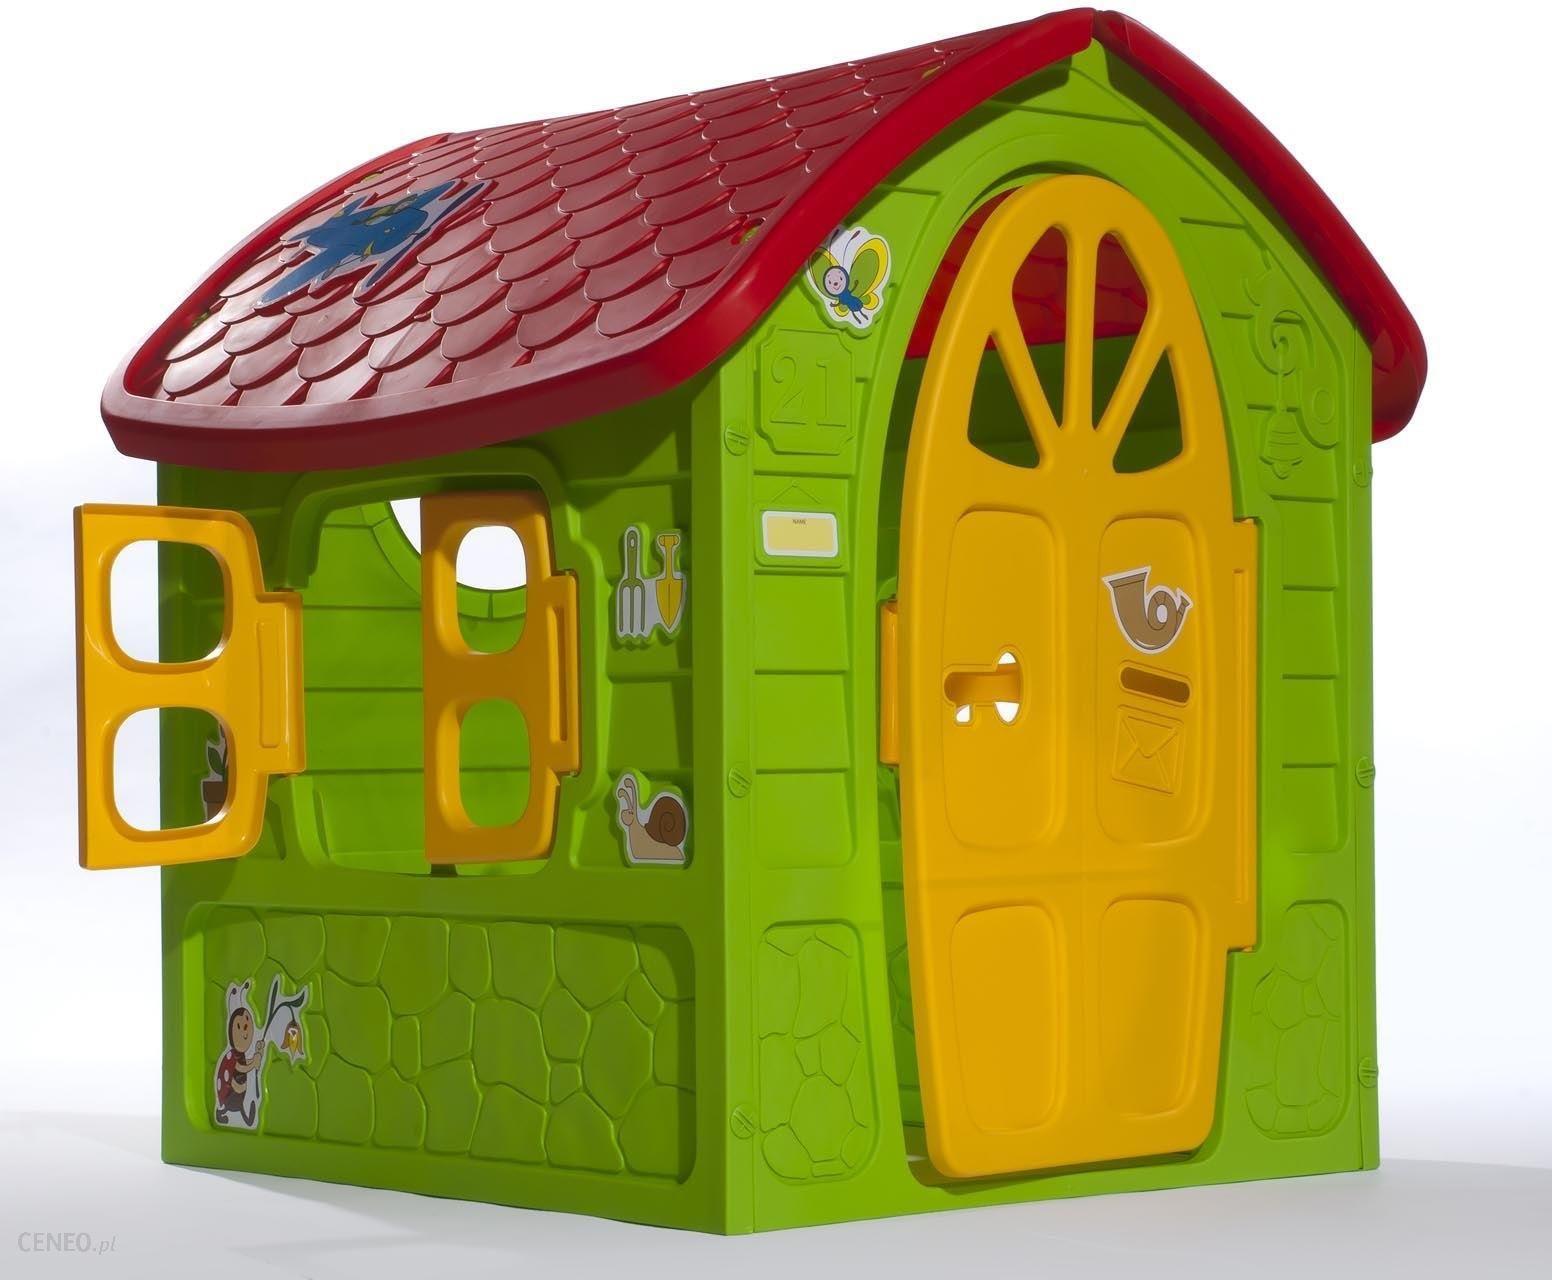 3toysm Duzy Domek Ogrodowy Dla Dzieci L5075 Ceny I Opinie Ceneo Pl